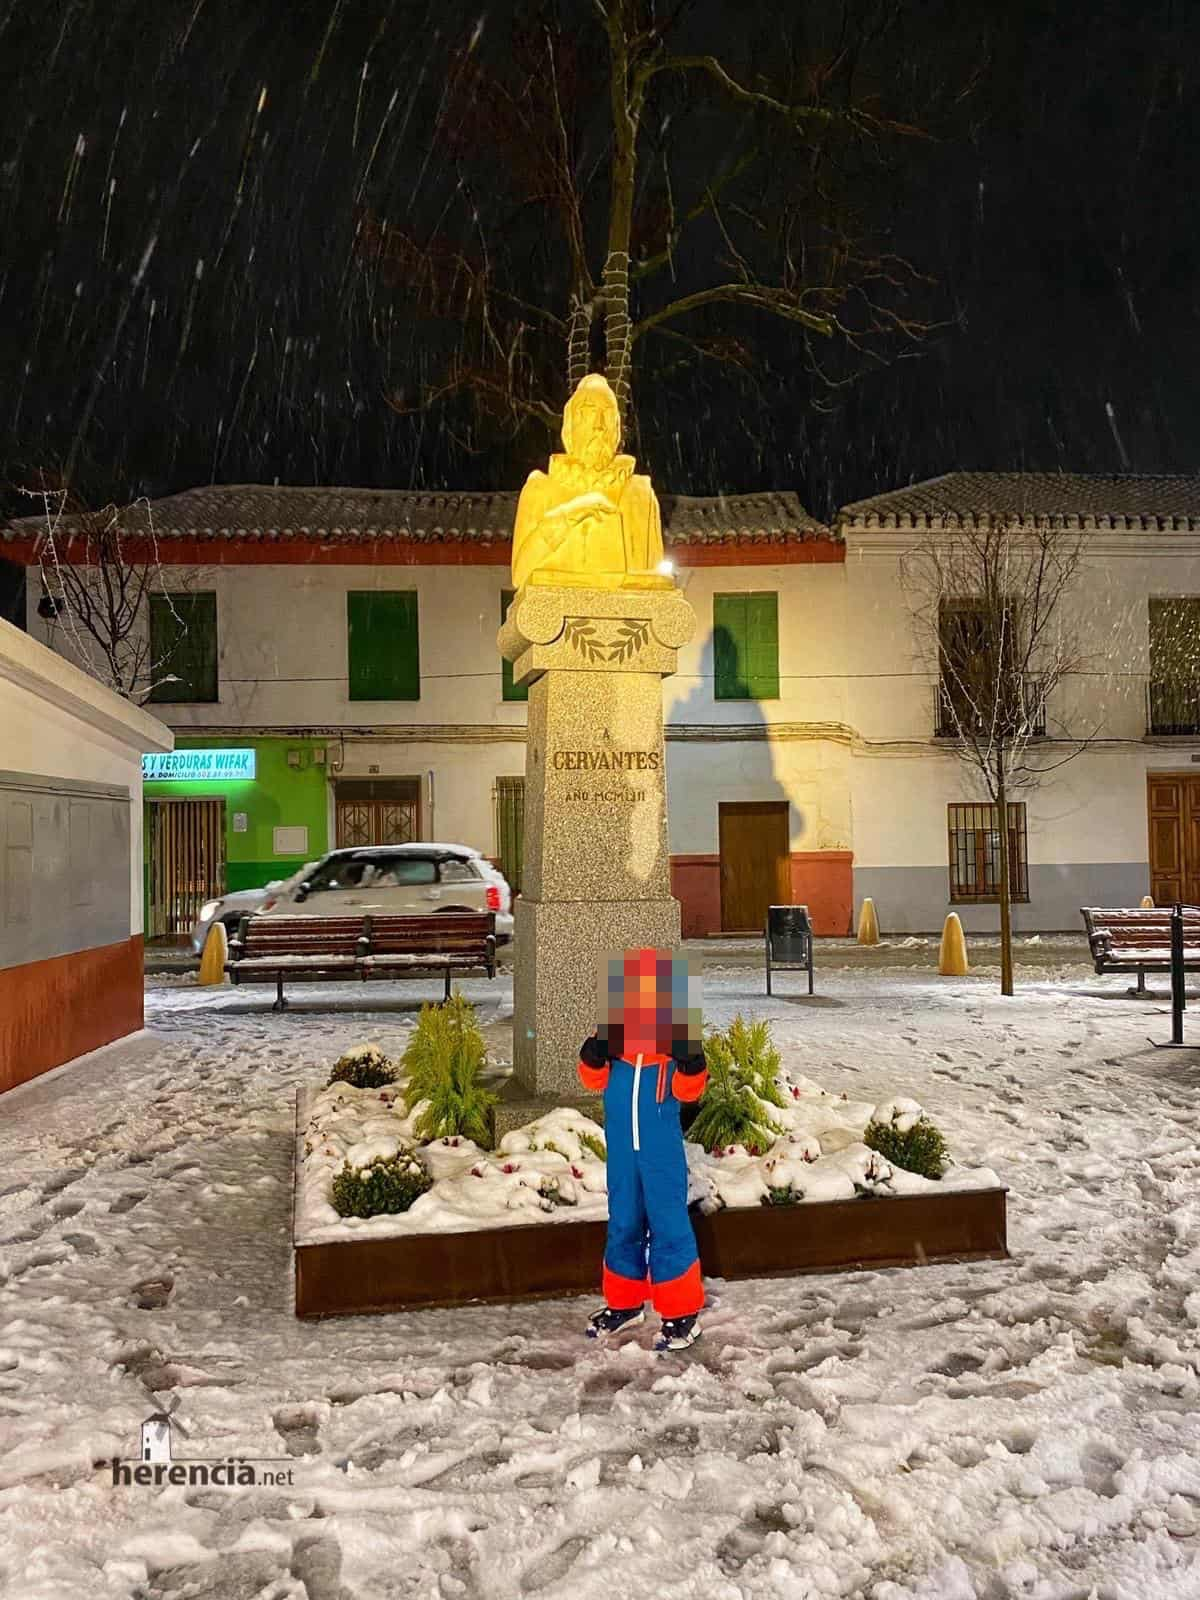 Fotografías de la nevada en Herencia (Ciudad Real) 50